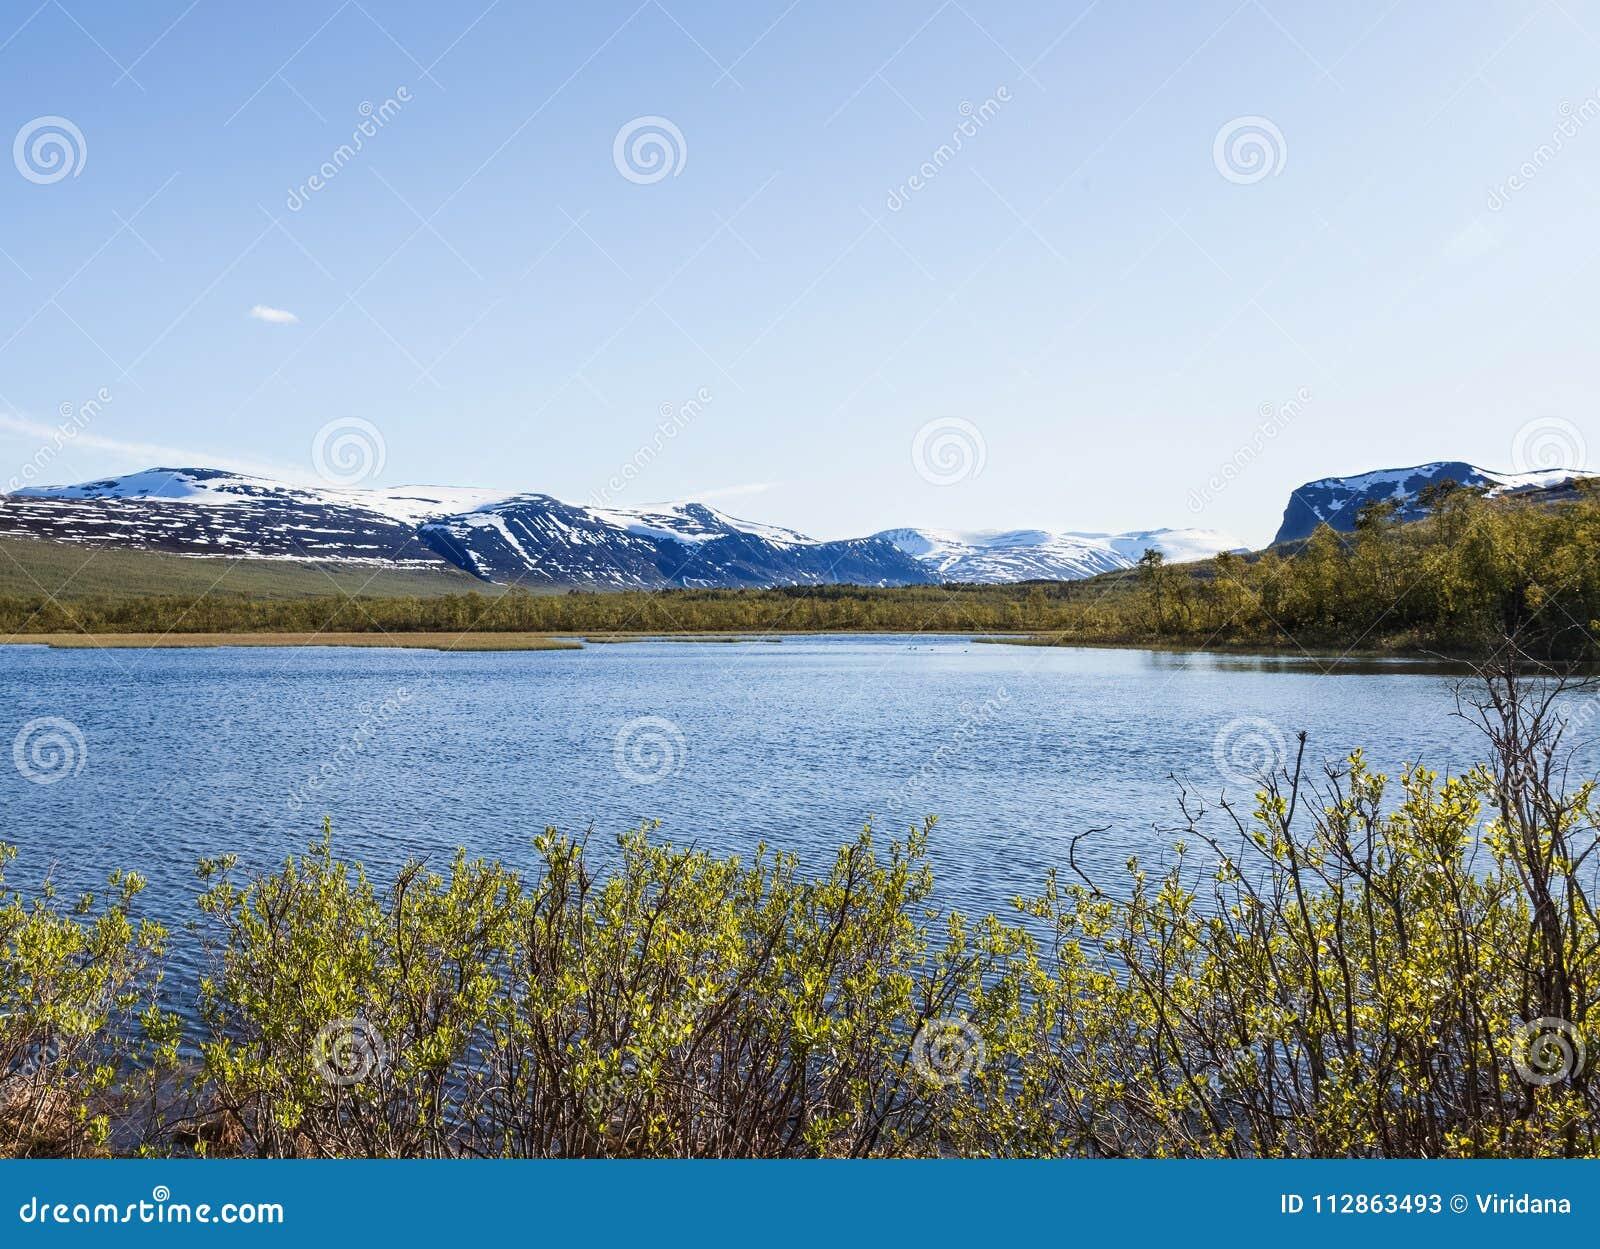 Vue de Nikkaloukta vers la gamme de plus haute montagne du ` s de la Suède avec Kebnekaise comme sommet le plus élevé